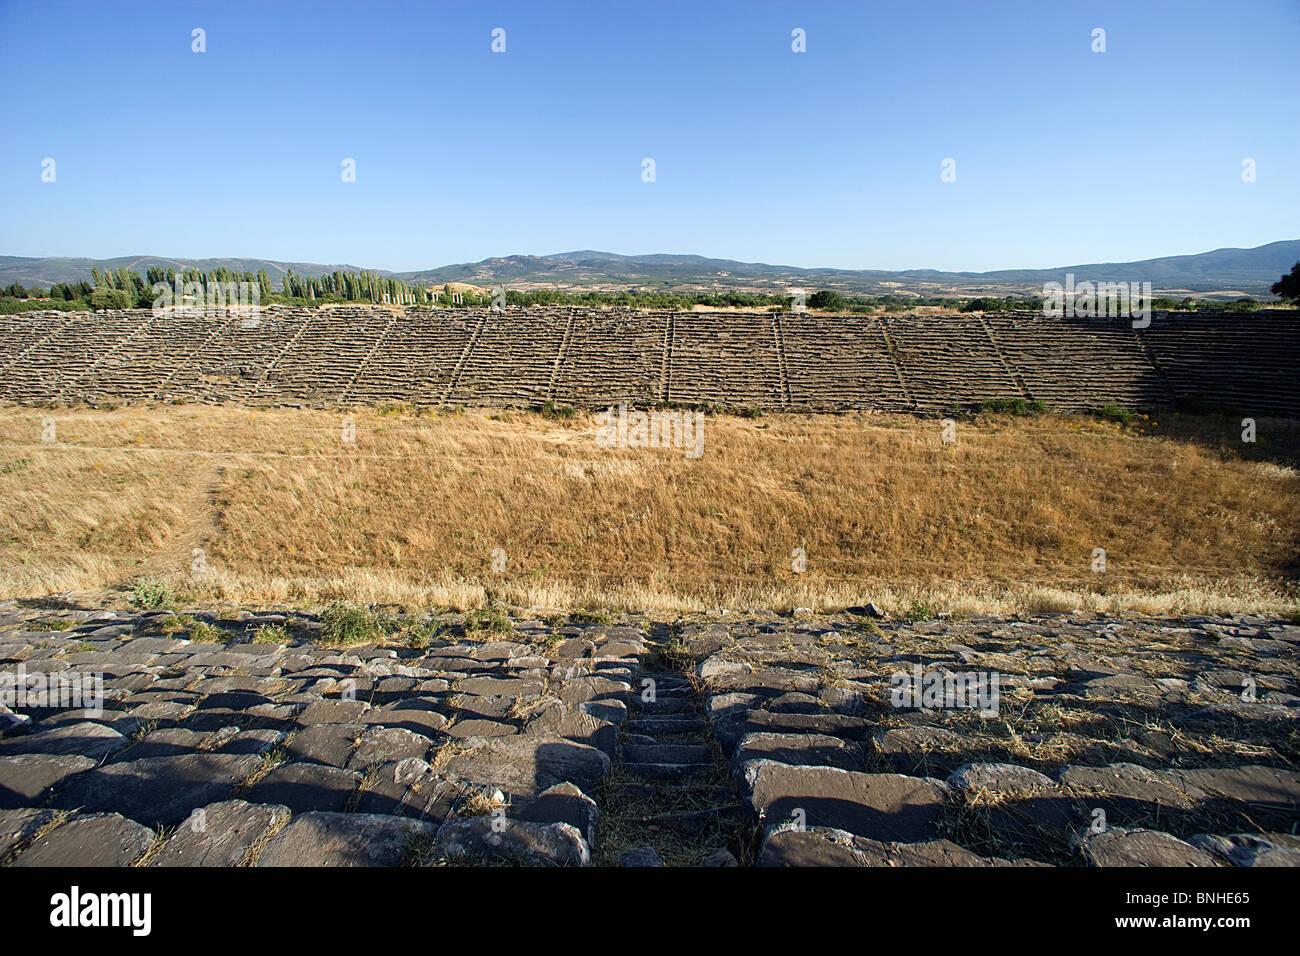 Türkei Juni 2008 Aphrodisias antiken Stadt antiken Stätte historische Ruine Ruinen hellenistischen römische Stockbild